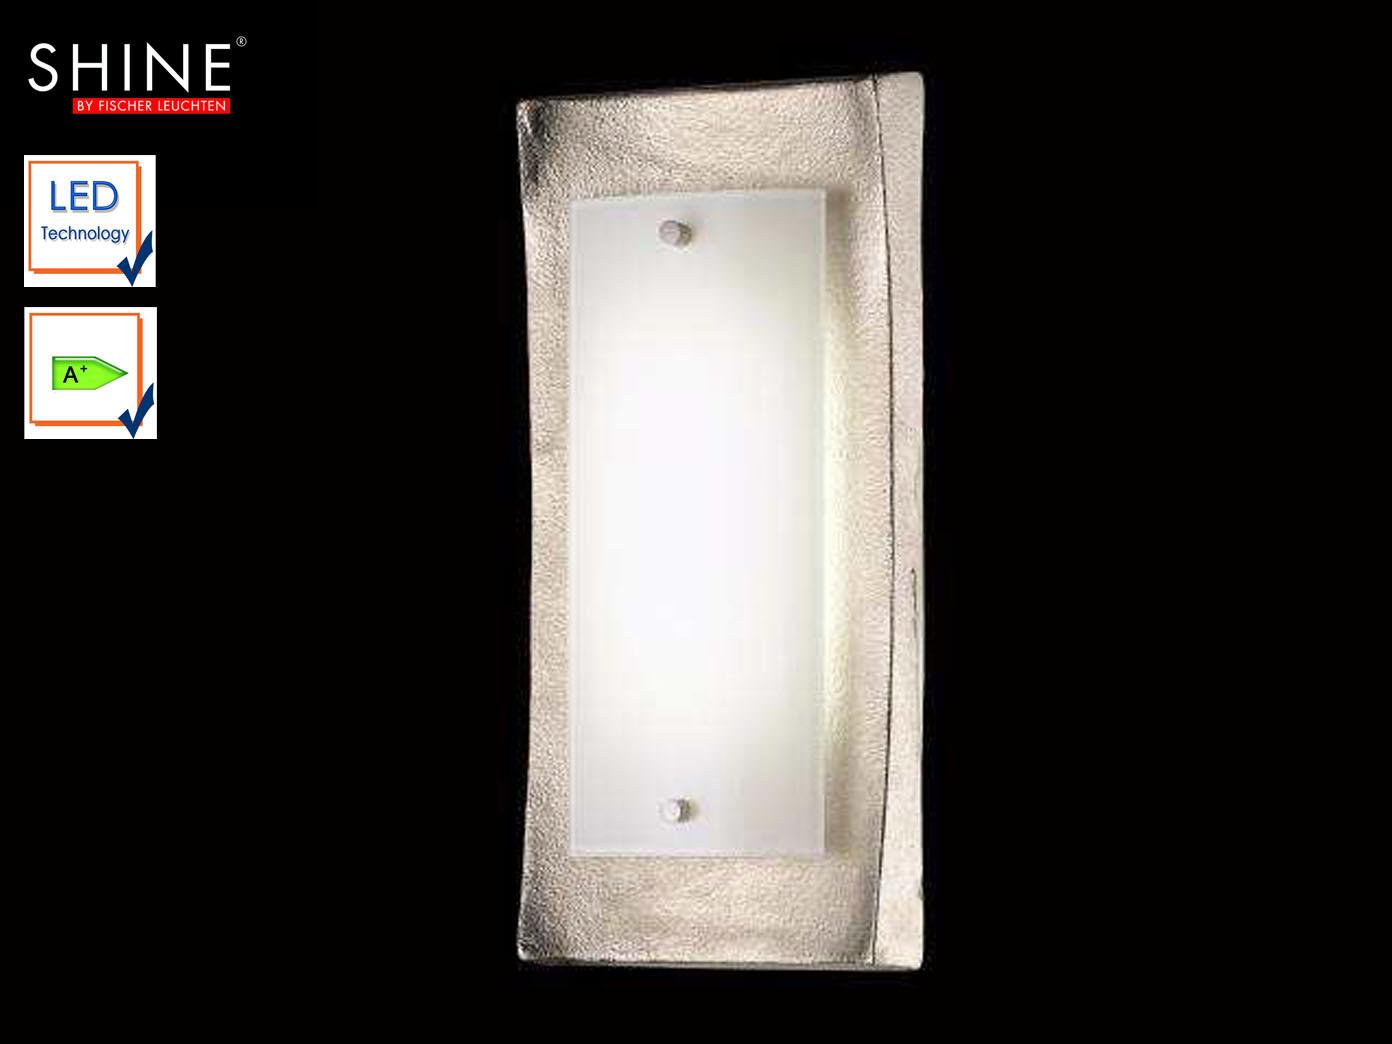 fischer leuchten mehr als 100 angebote fotos preise. Black Bedroom Furniture Sets. Home Design Ideas